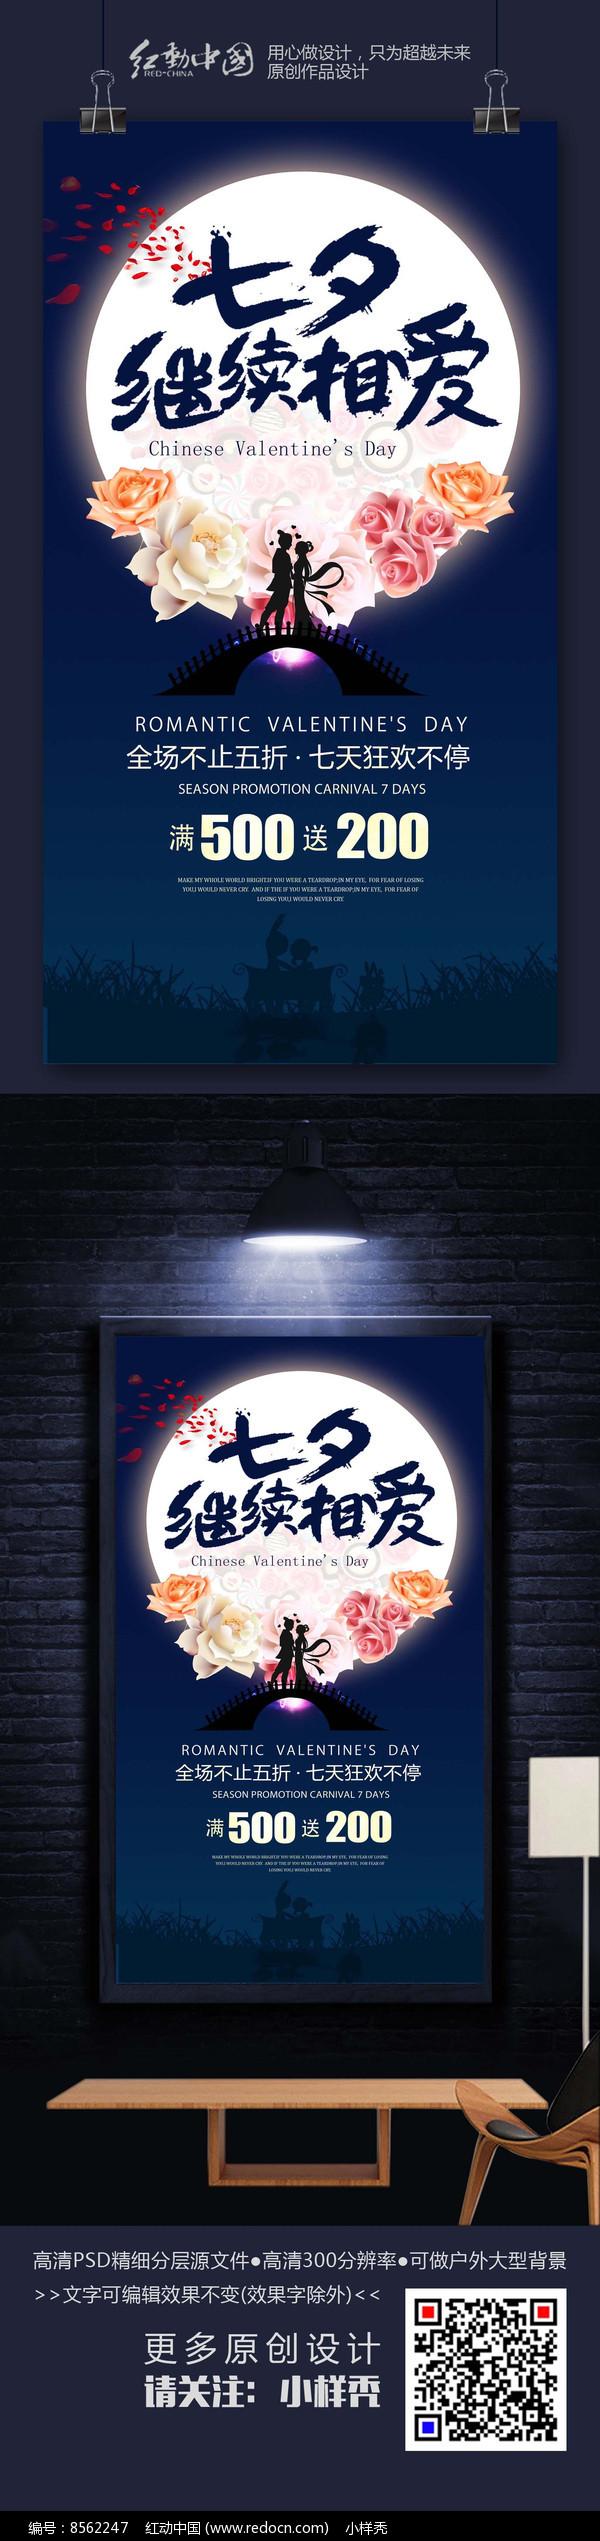 七夕继续相爱节日气氛海报图片